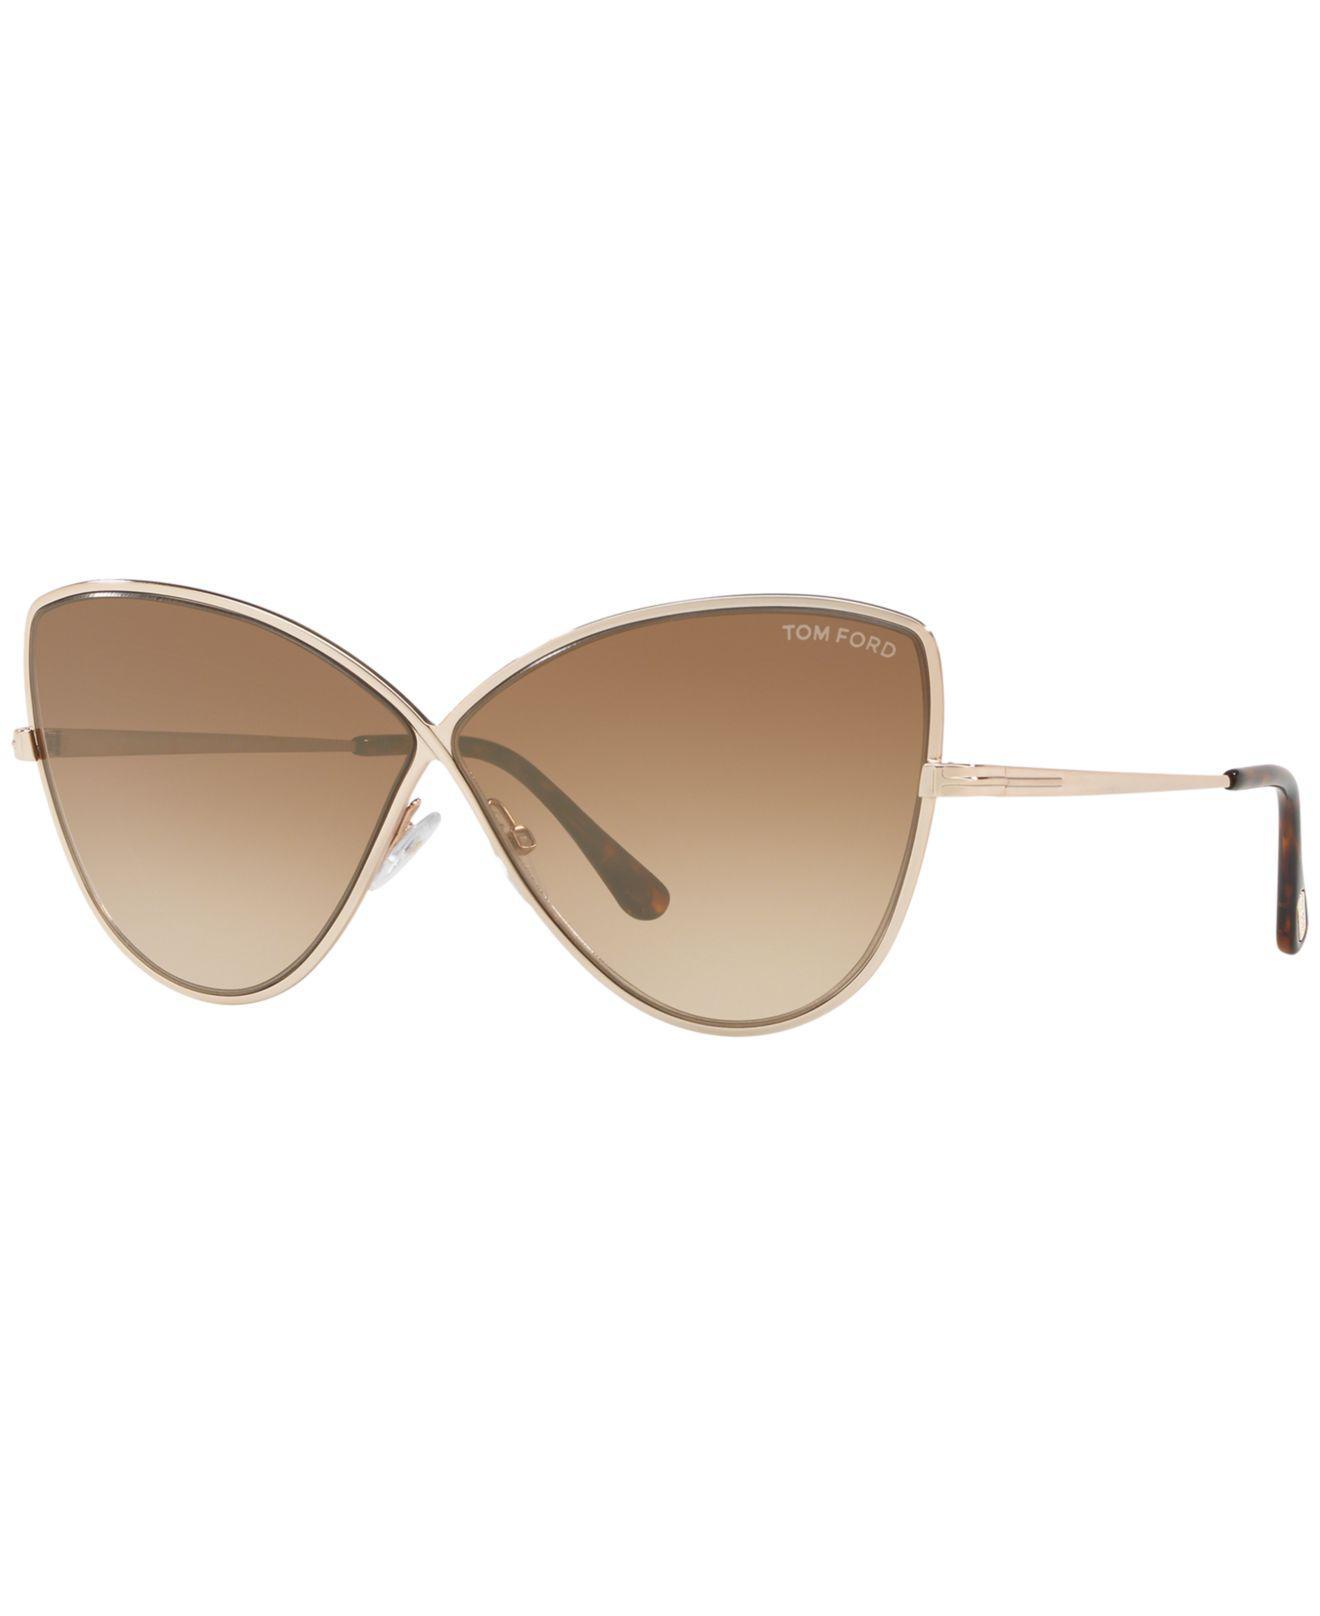 6ccde534c4e Tom Ford - Brown Sunglasses